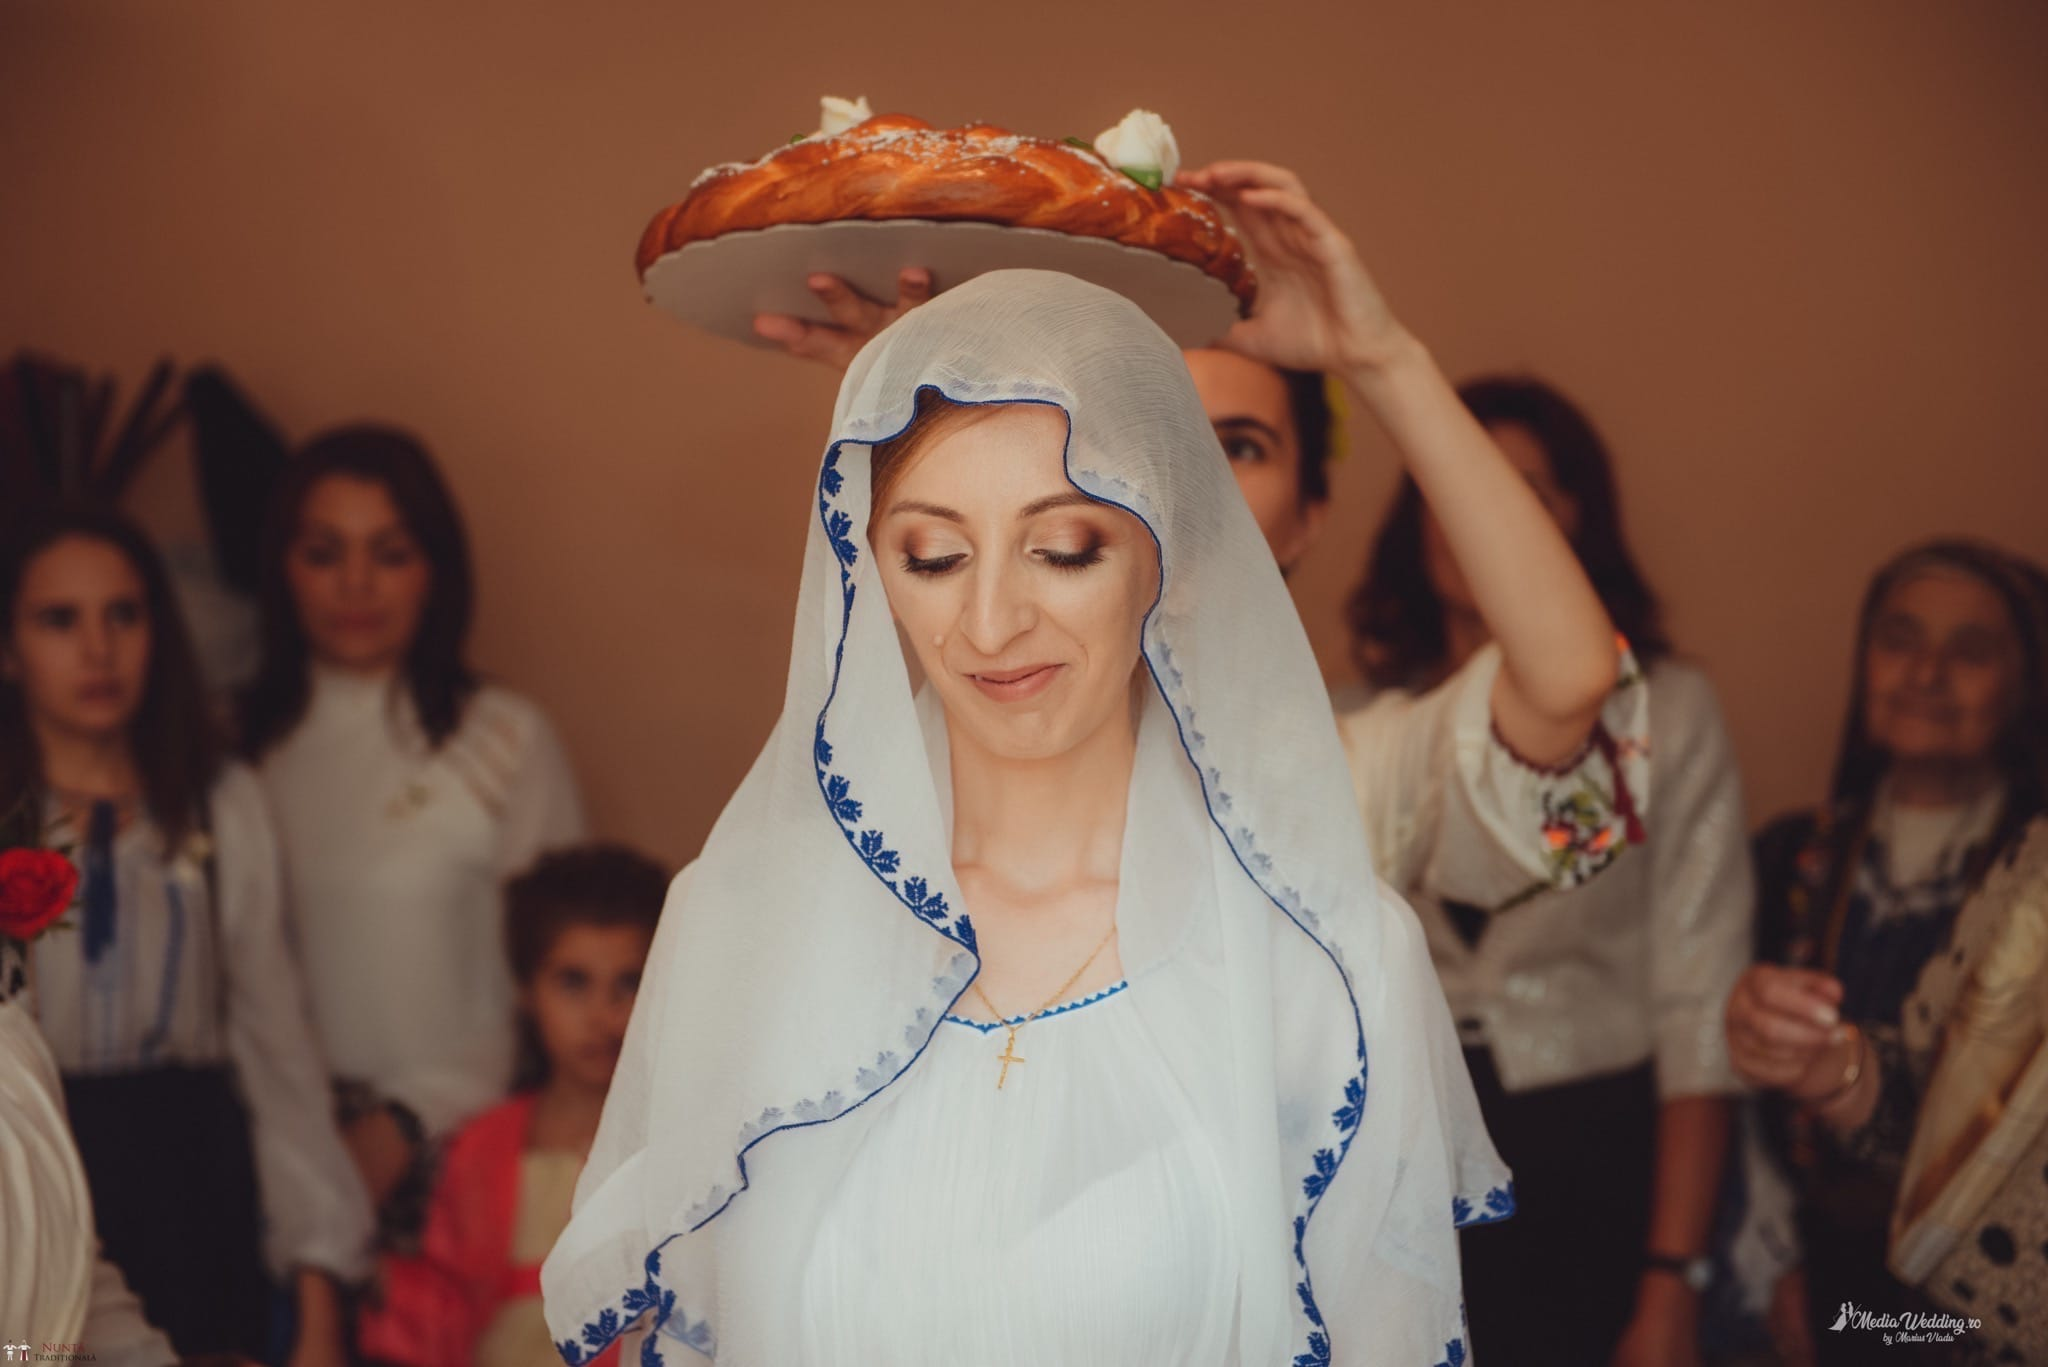 Povești Nunți Tradiționale - Alina-Maria și Ilie, nuntă tradițională în București 11